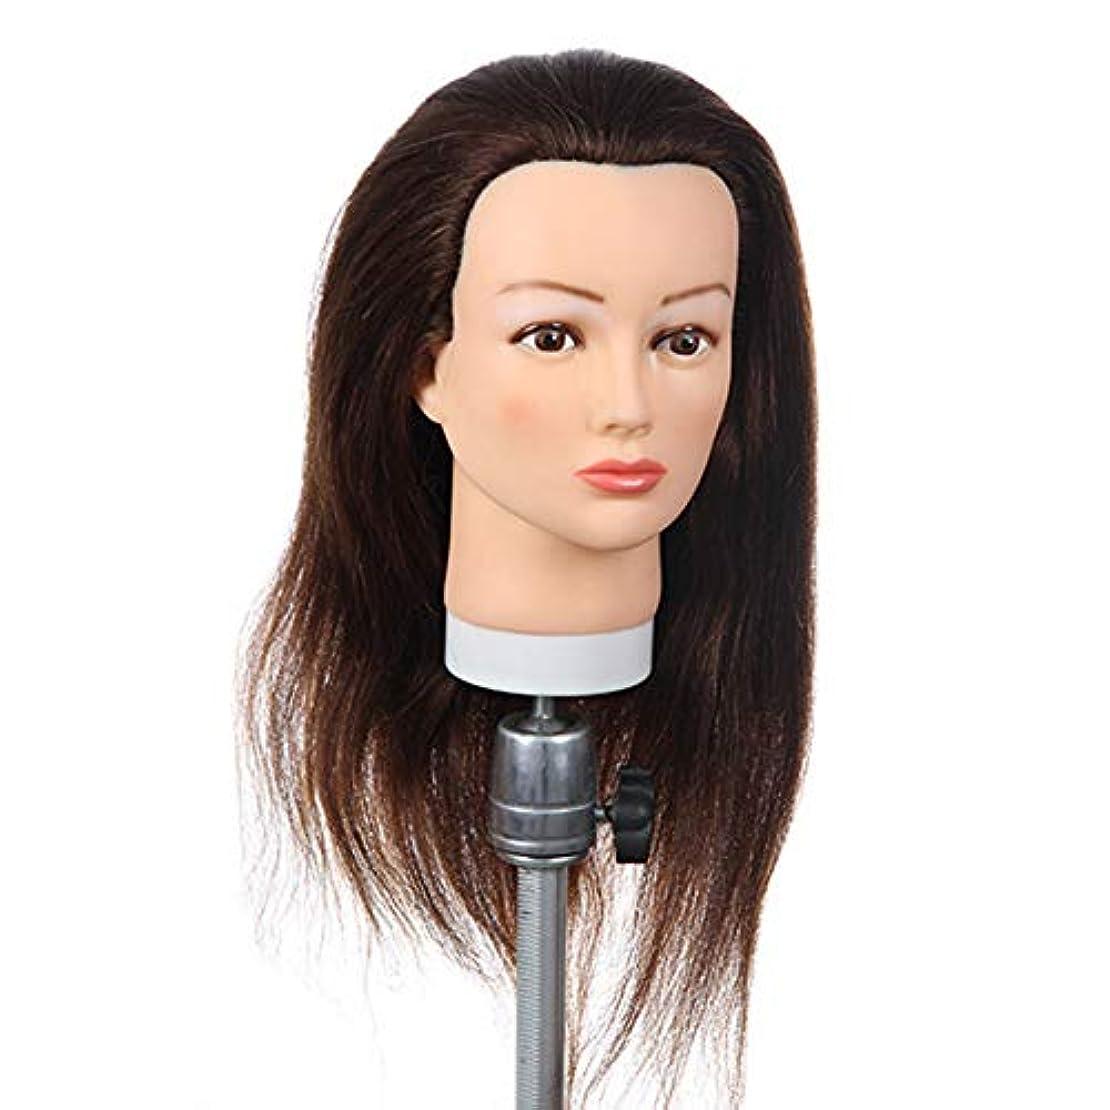 ドア次へ変化理髪店理髪練習ヘッドパーマ髪染め髪ダミーヘッド花嫁メイクスタイリング編組マネキンヘッド